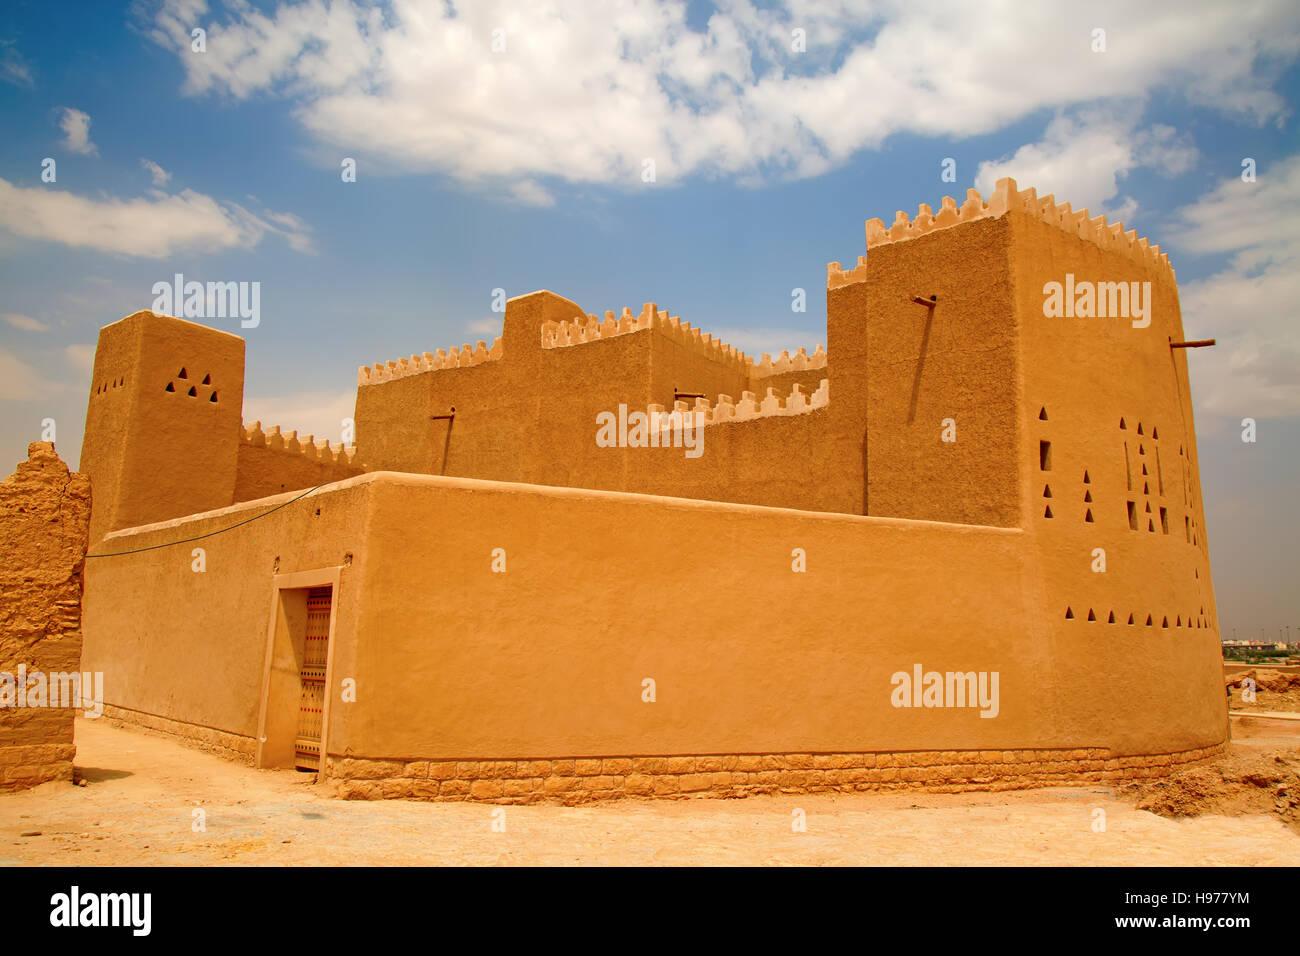 Las calles de la ciudad vieja, cerca de Ar Diriyah Riad, Reino de Arabia Saudita Imagen De Stock